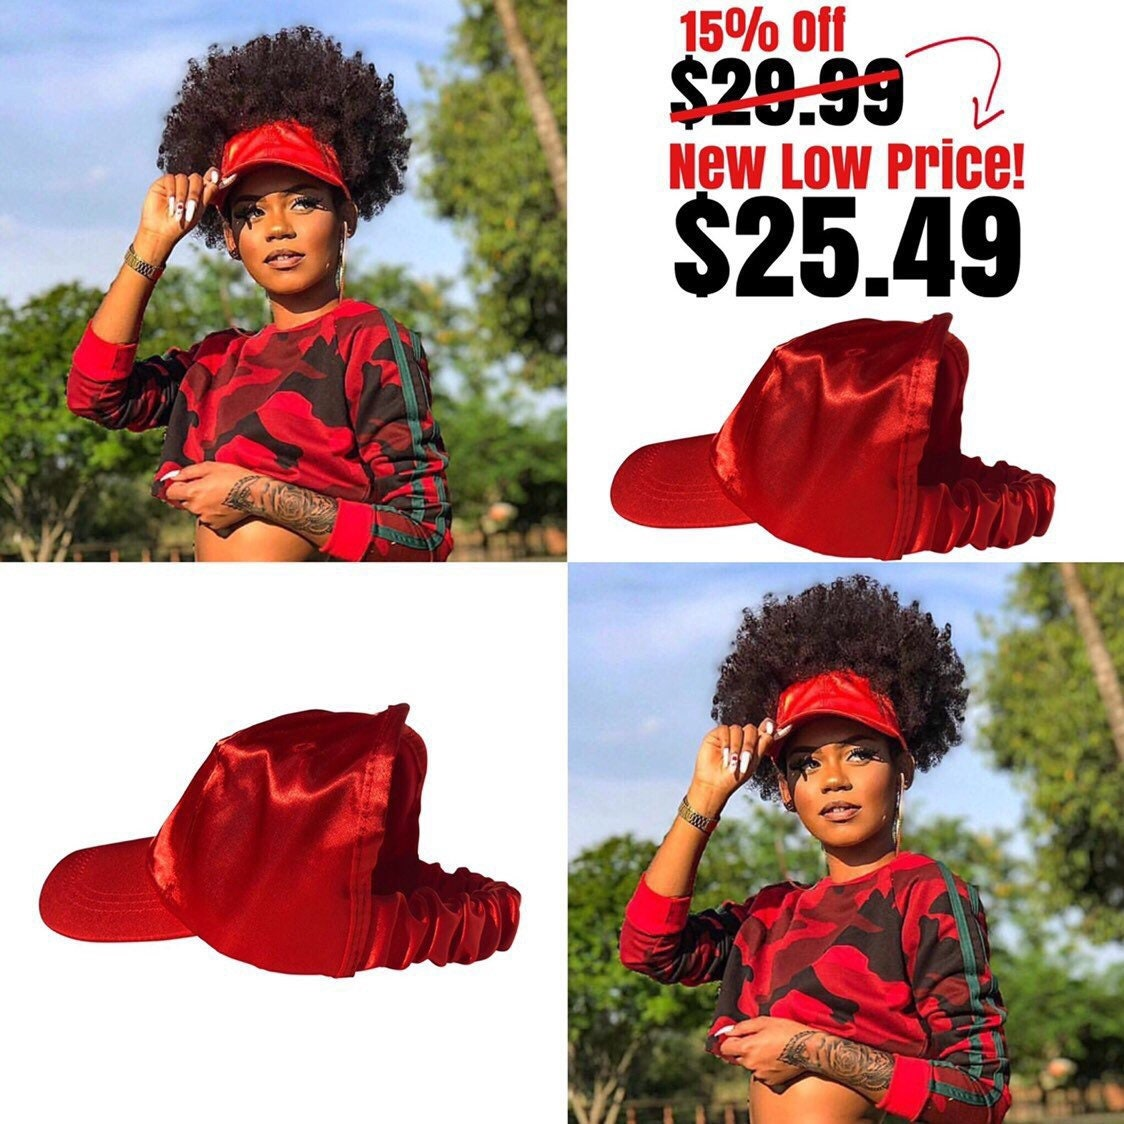 d052faca Red Hats For Women, Hats For Women, Sun Hats For Women, Beach Hats For Women,  Summer Hats, Sun Hat Womens, Ball Caps, Beach Hats, Women Hats